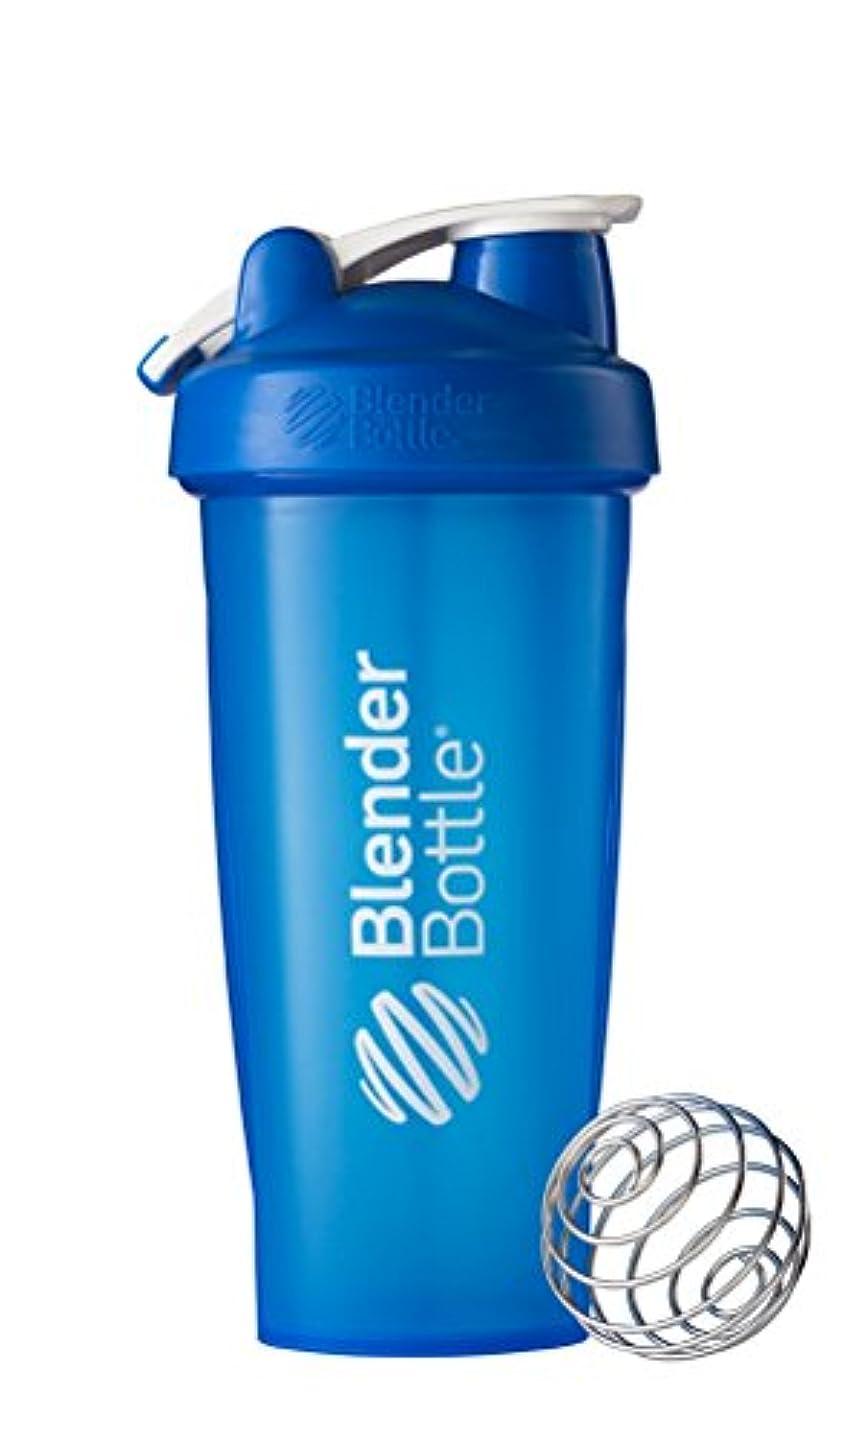 教義首謀者出血Blender Bottle - ループ全色青で古典的なシェーカー ボトル - 28ポンド Sundesa で